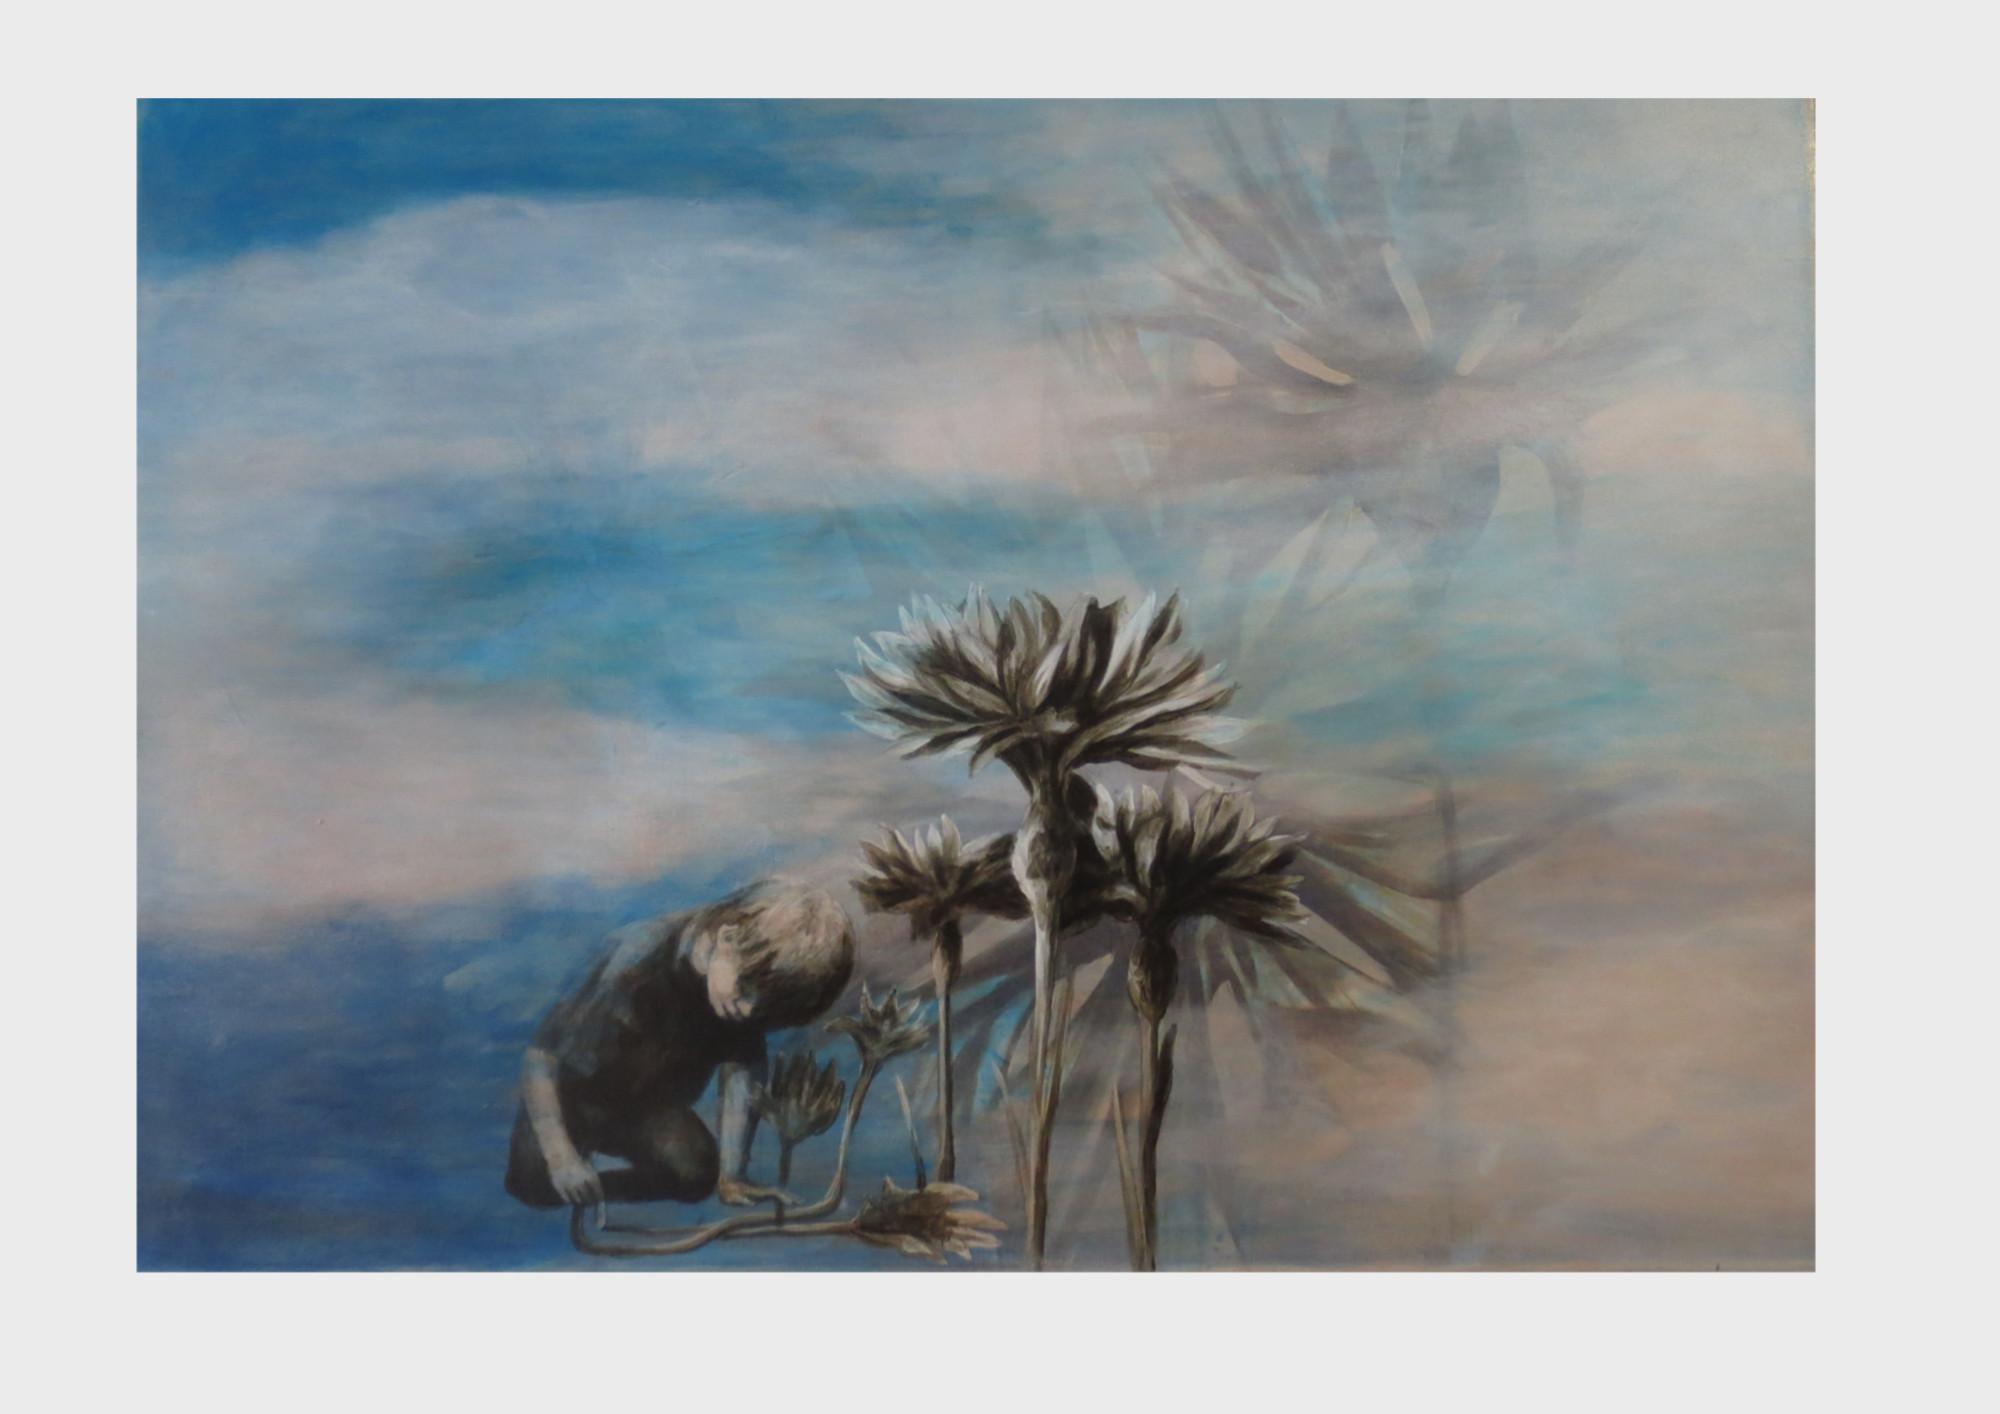 Kornblumen-blauer Kornblumen-maler: Ein kleiner Junge malt mit Kreide auf den Boden, er versinkt so in seiner Kunst, dass die Kornblumen zu echten Pflanzen erwachsen. Acrylbild in blauen Farbtönen.